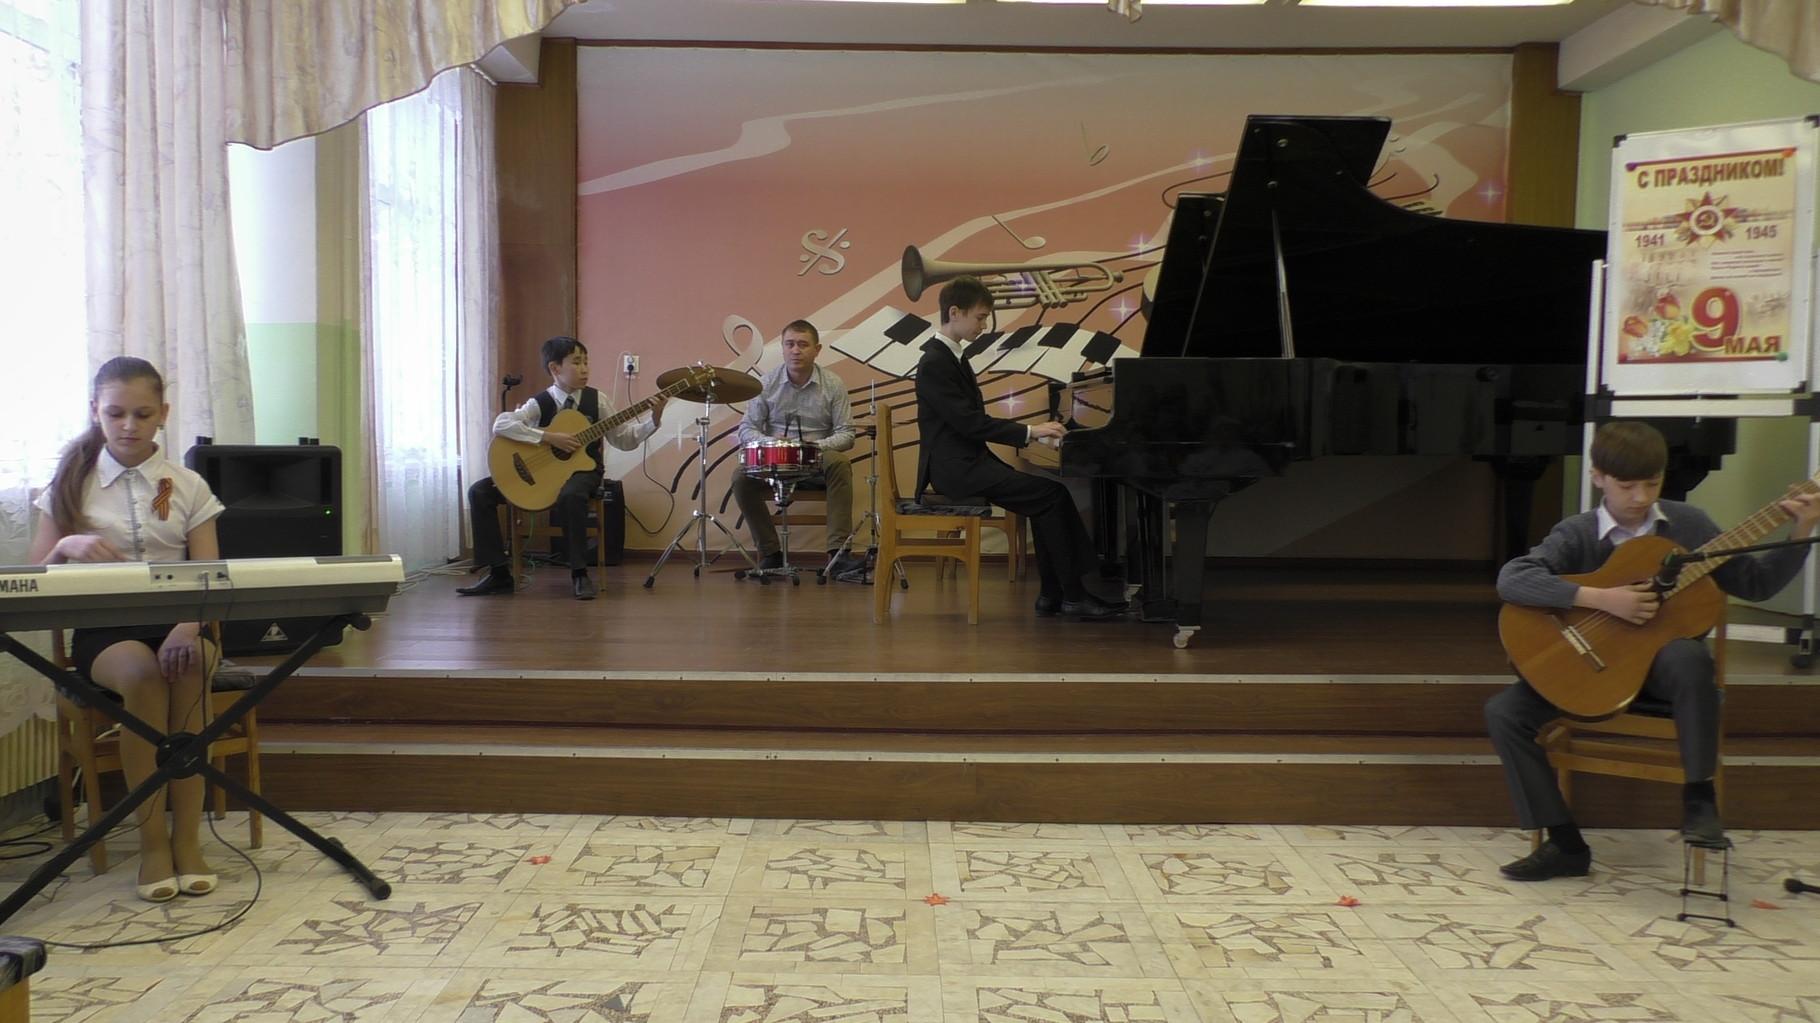 """Инструментальный ансамбль """"Экспромт"""", руководители Громова Э.И. и Тихонов Д.В."""